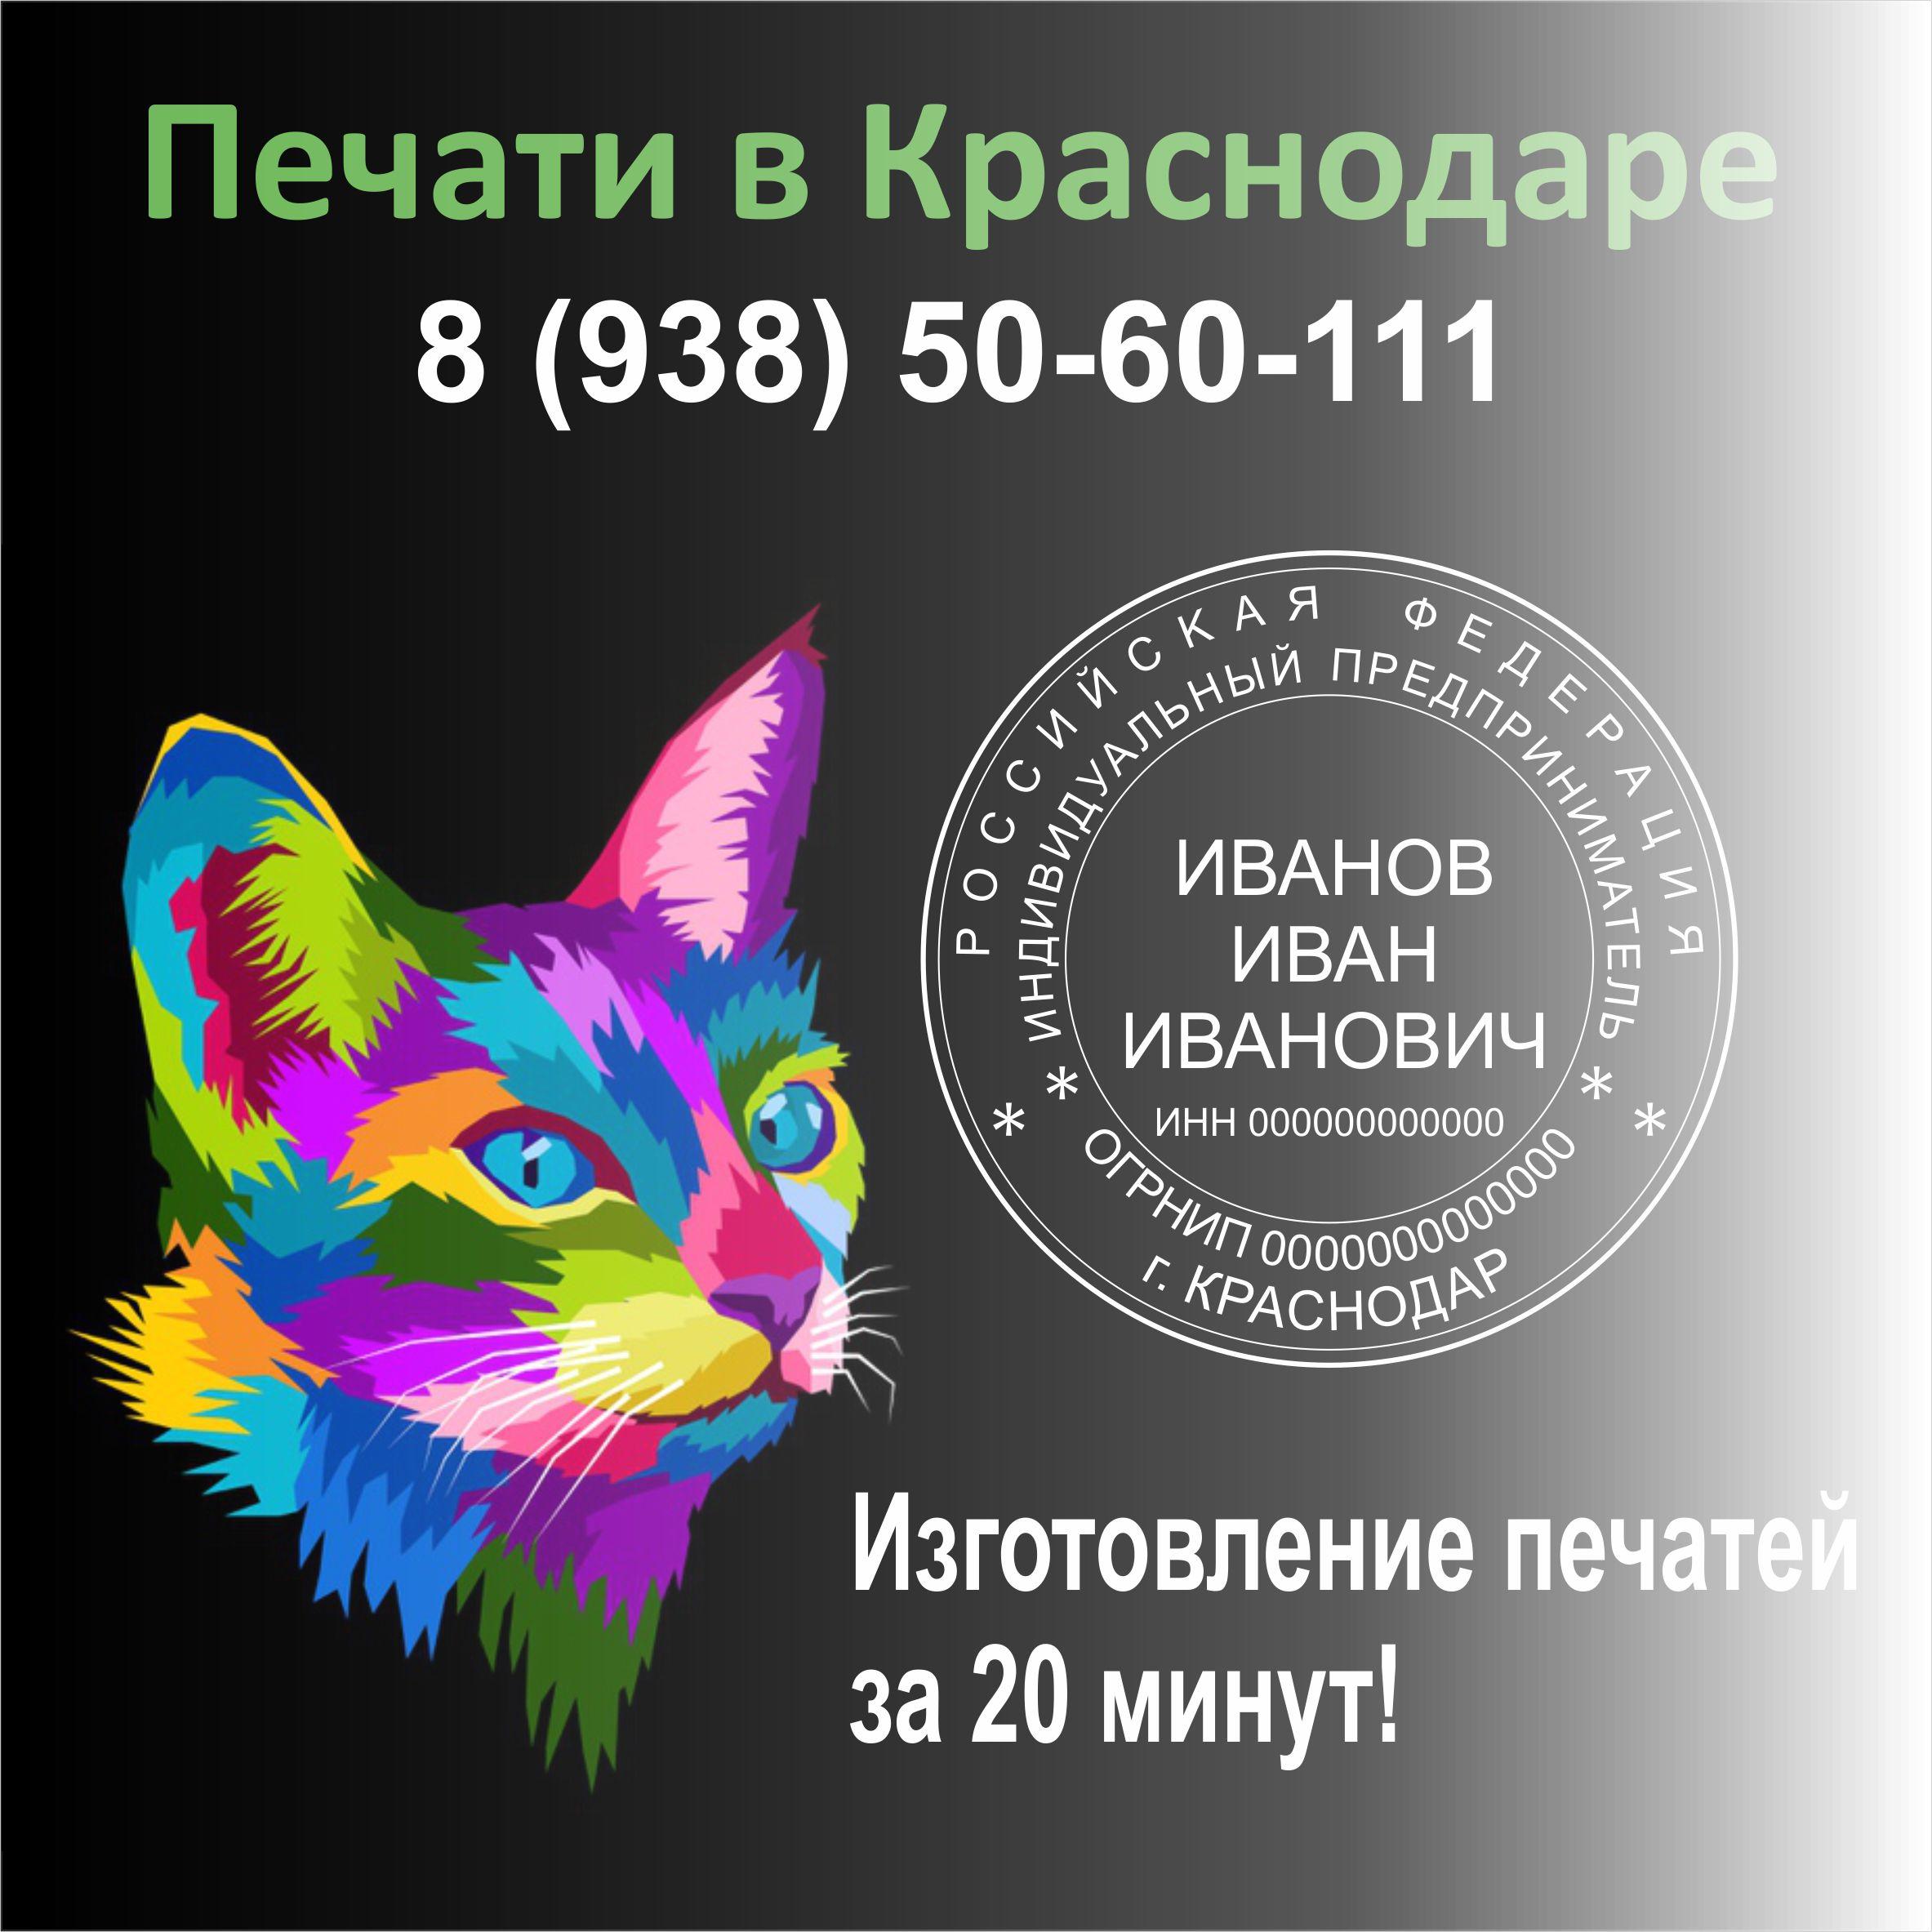 Печати и штампы в Краснодаре